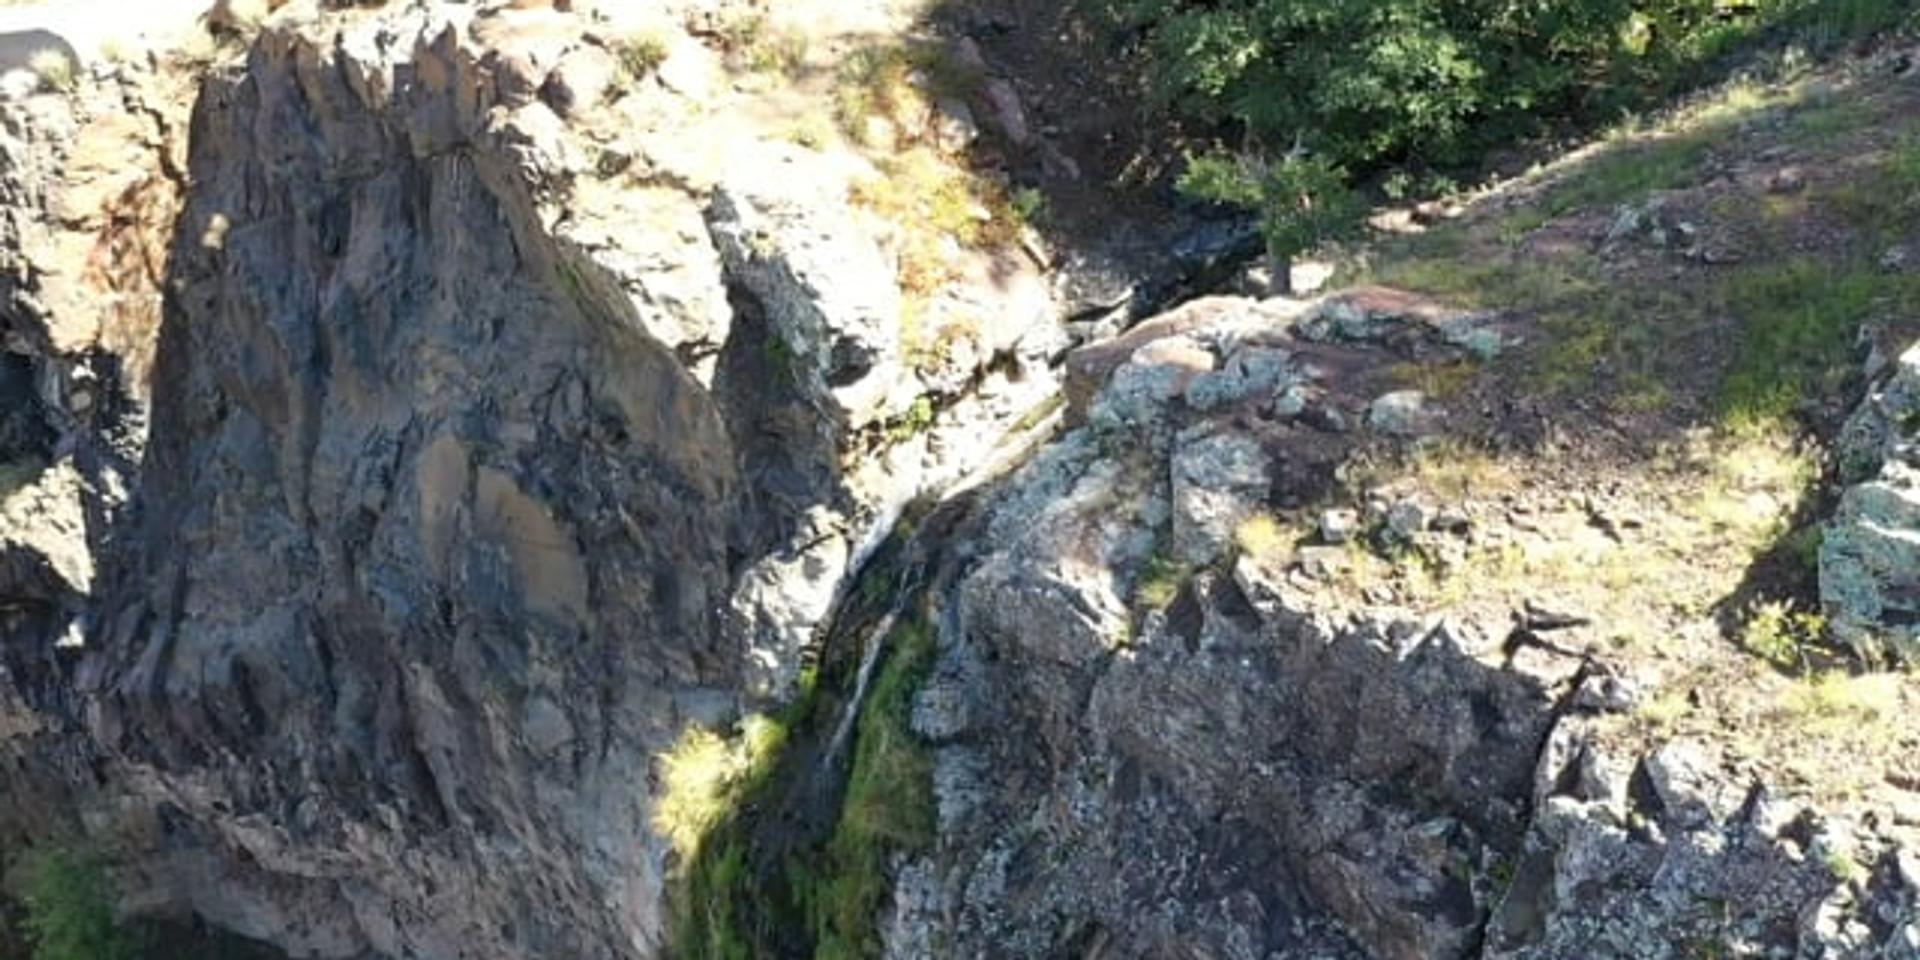 Workman Creek Pano View